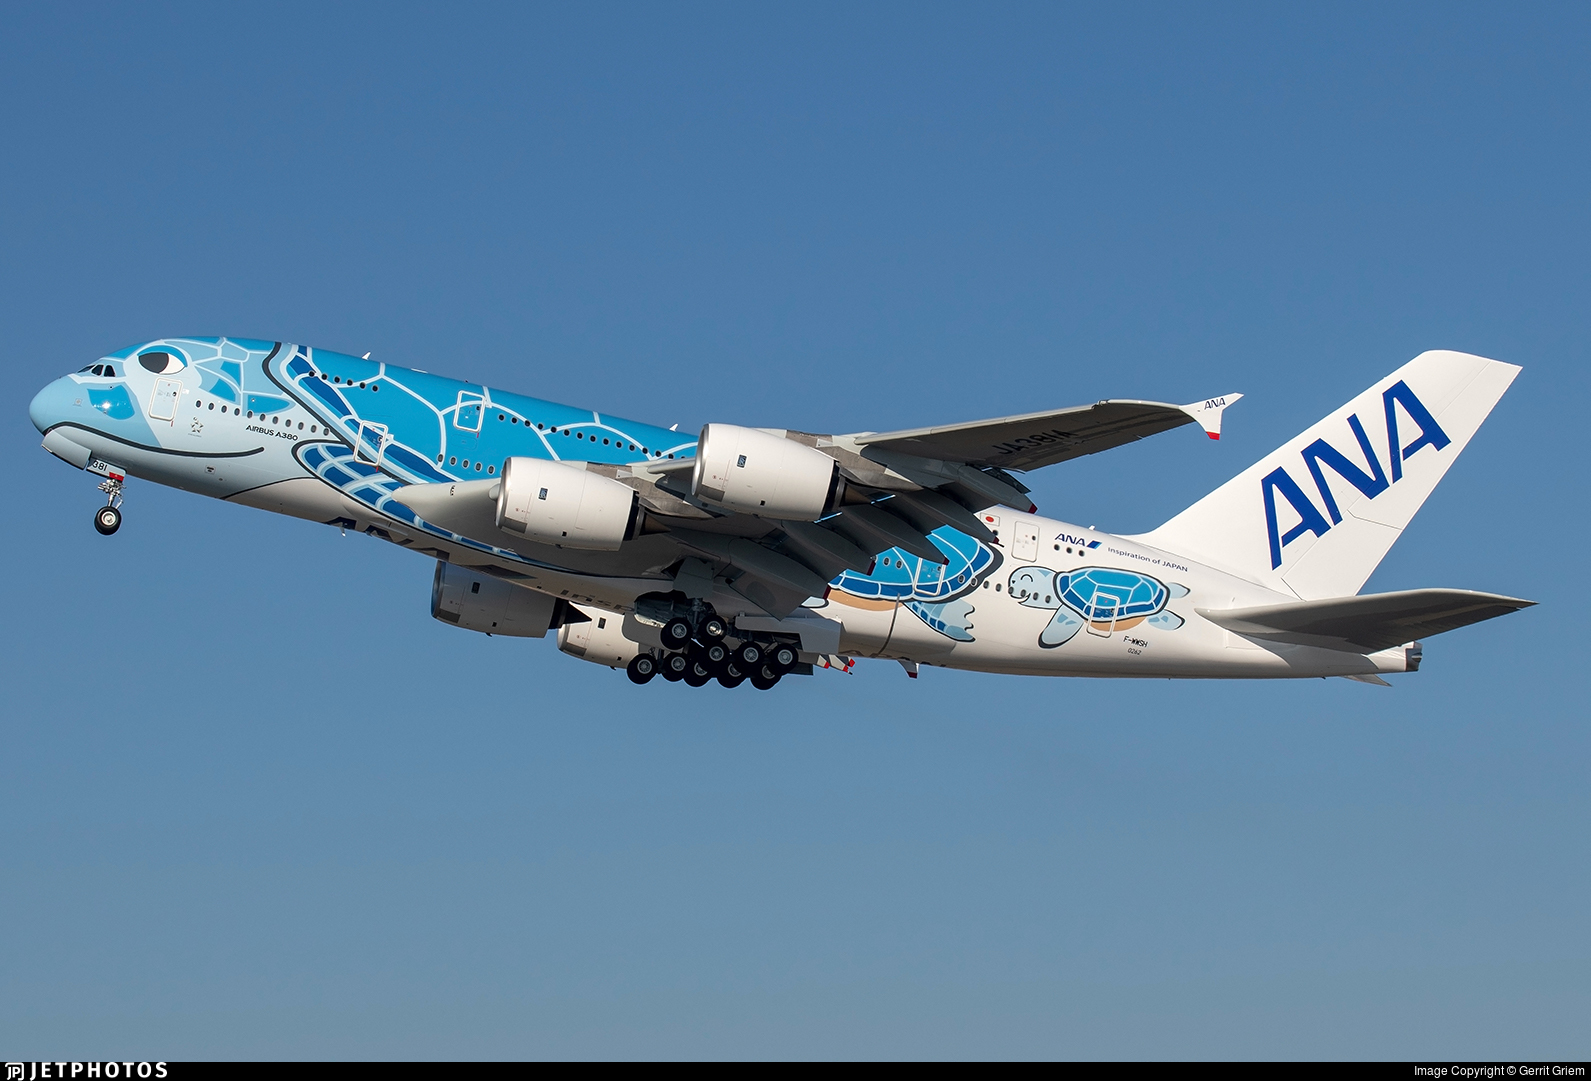 F-WWSH - Airbus A380-841 - All Nippon Airways (ANA)